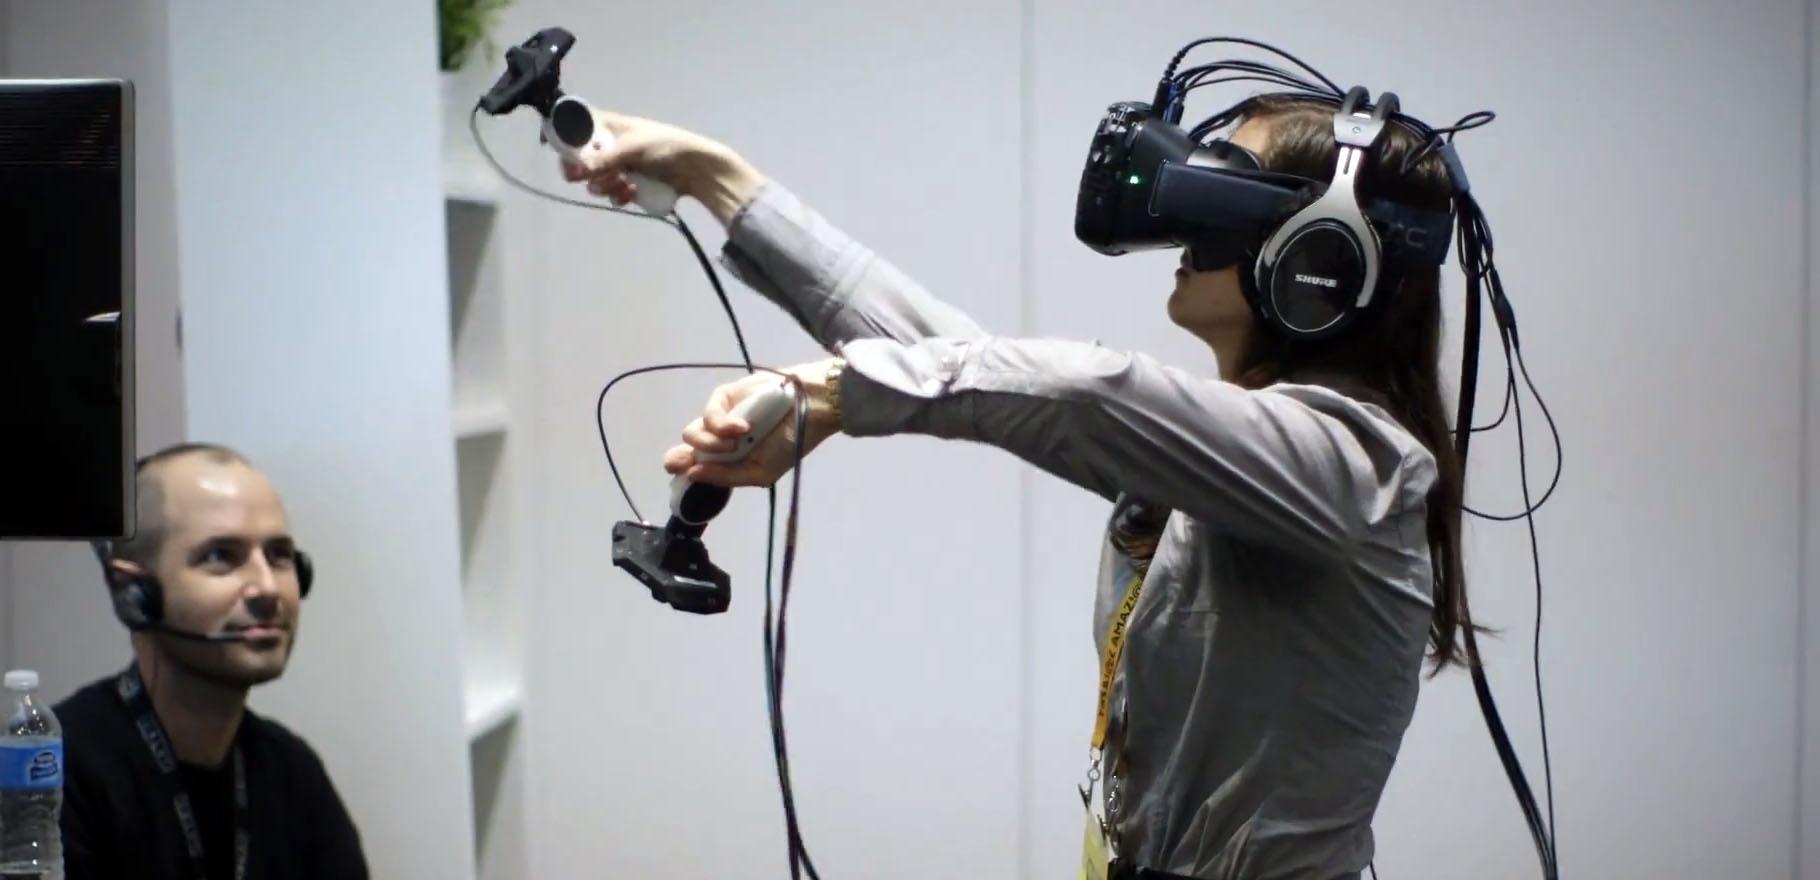 Le casque de réalité virtuelle HTC Vive pourra être testé lors de la Paris Games Week